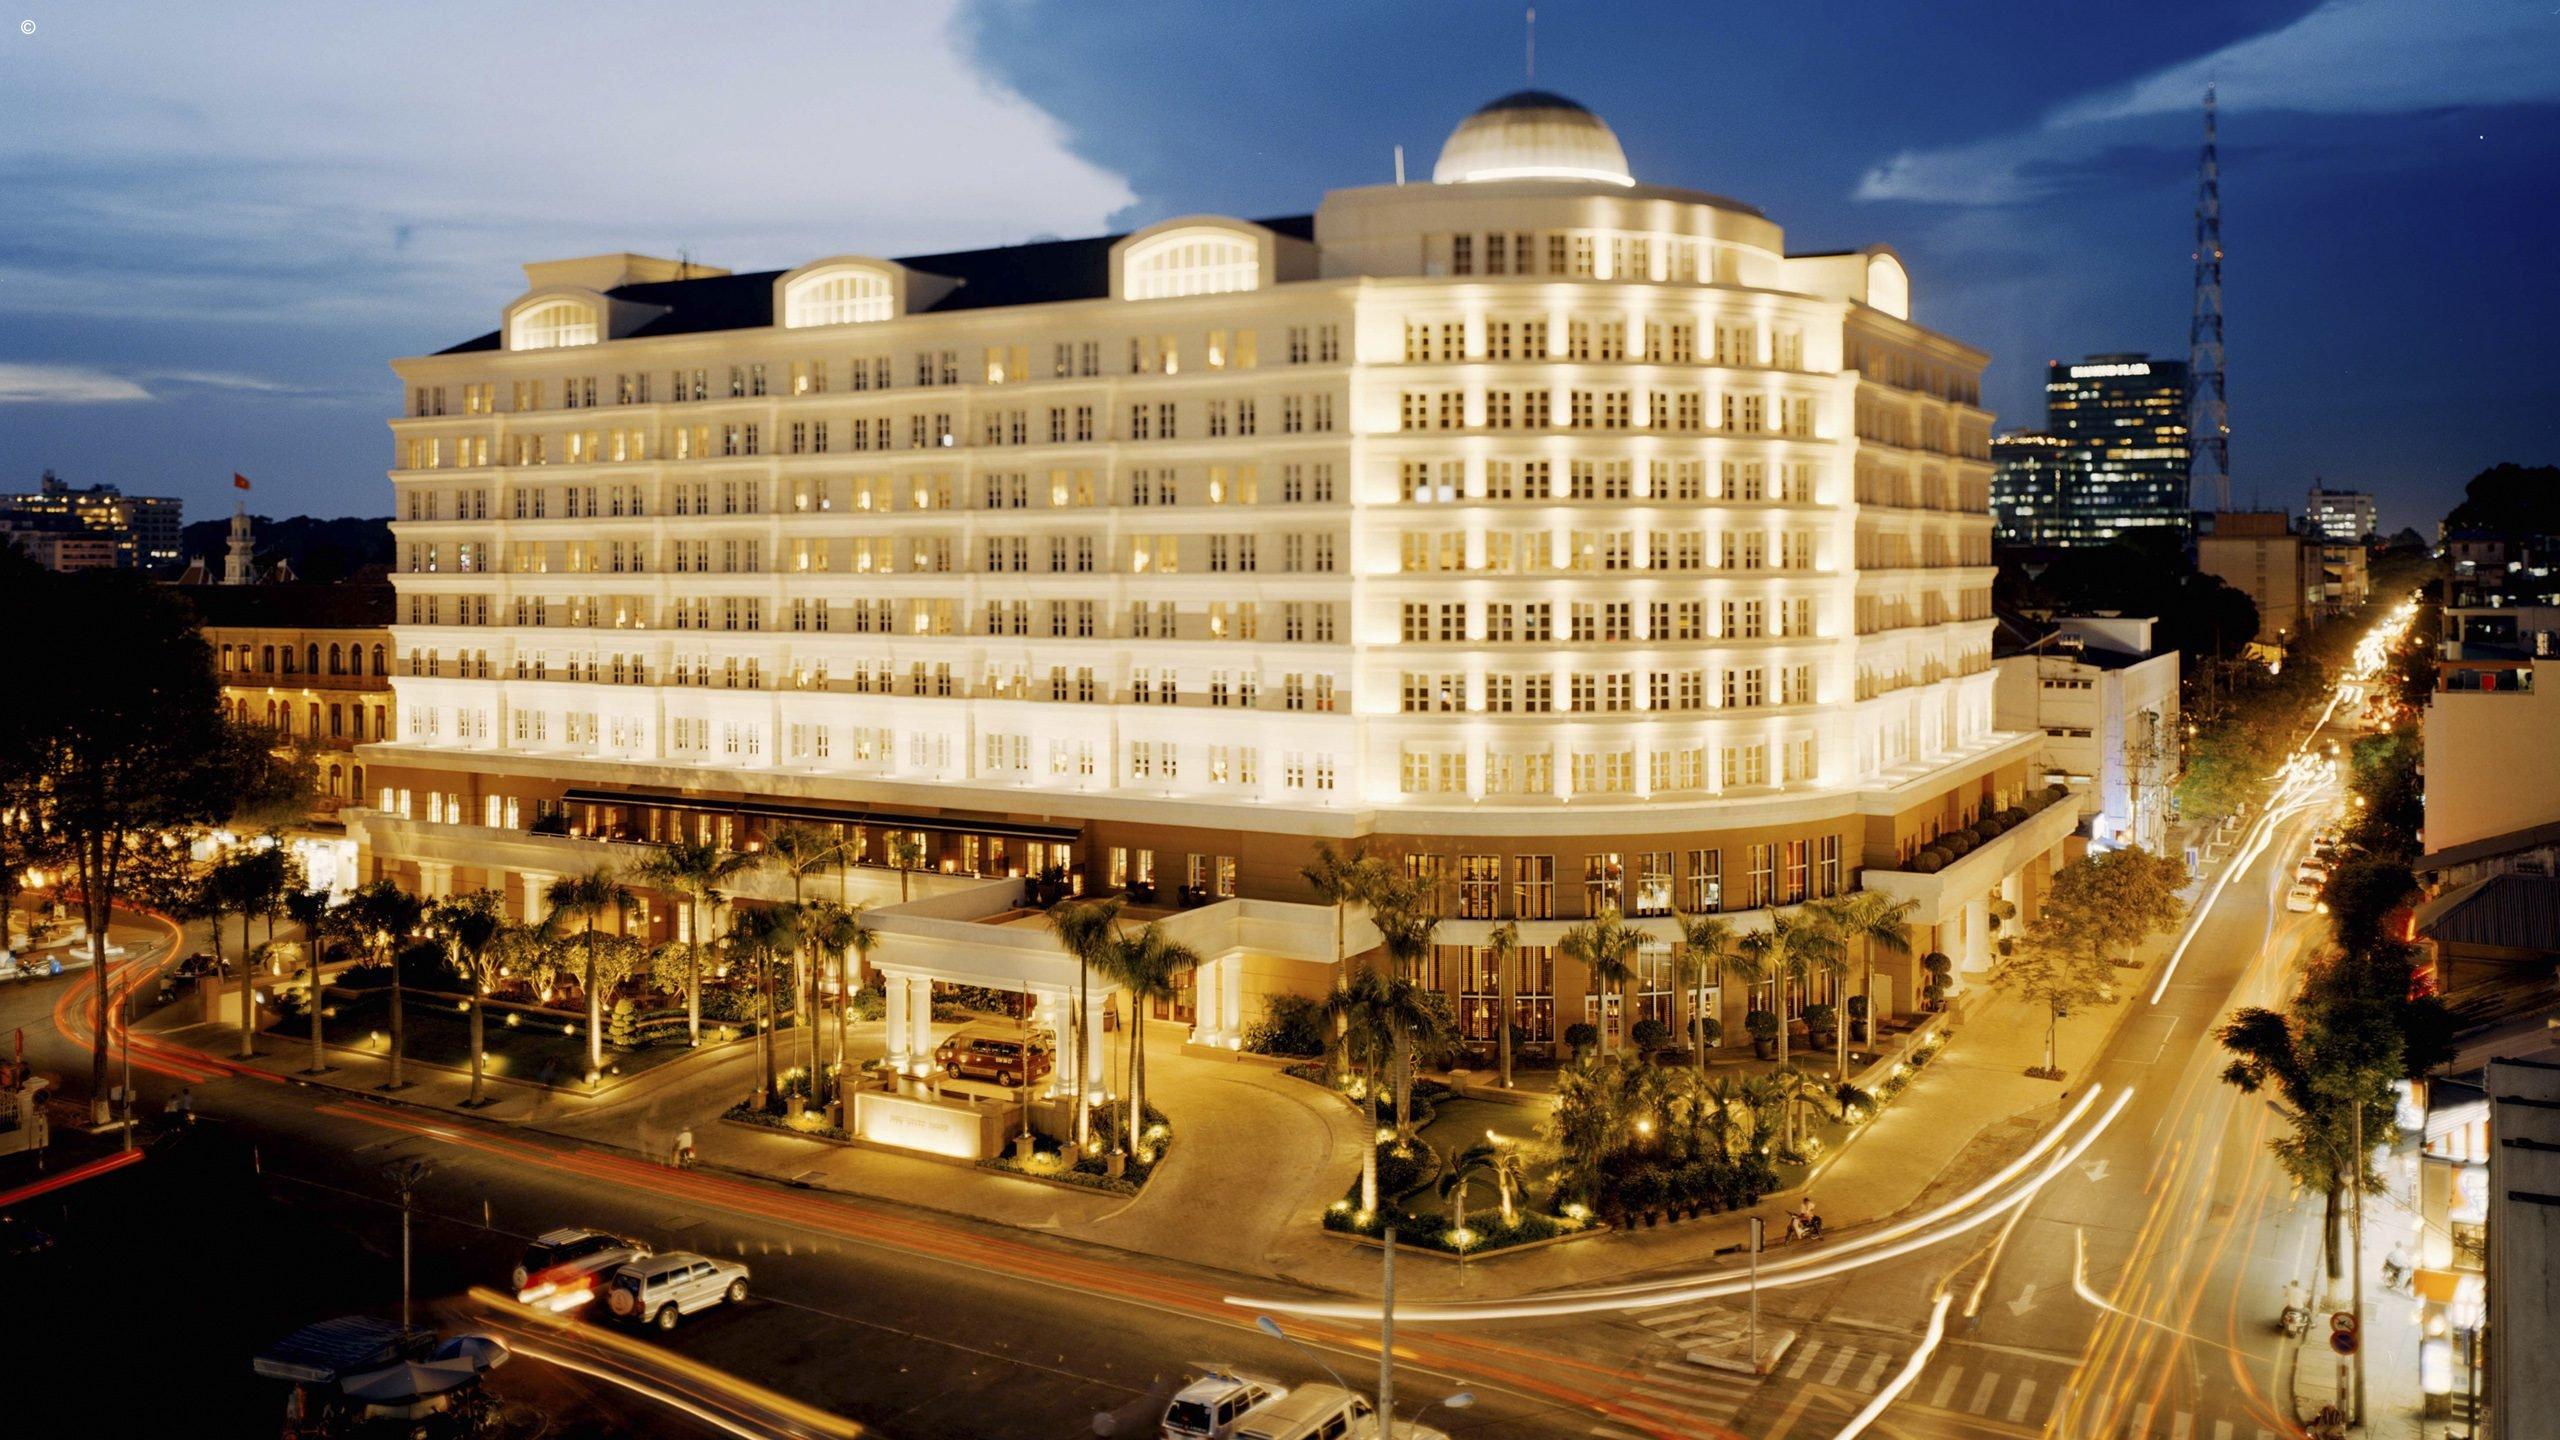 Park Hyatt Saigon, luxury hotel in Vietnam, Ho Chi Minh | Jacada Travel